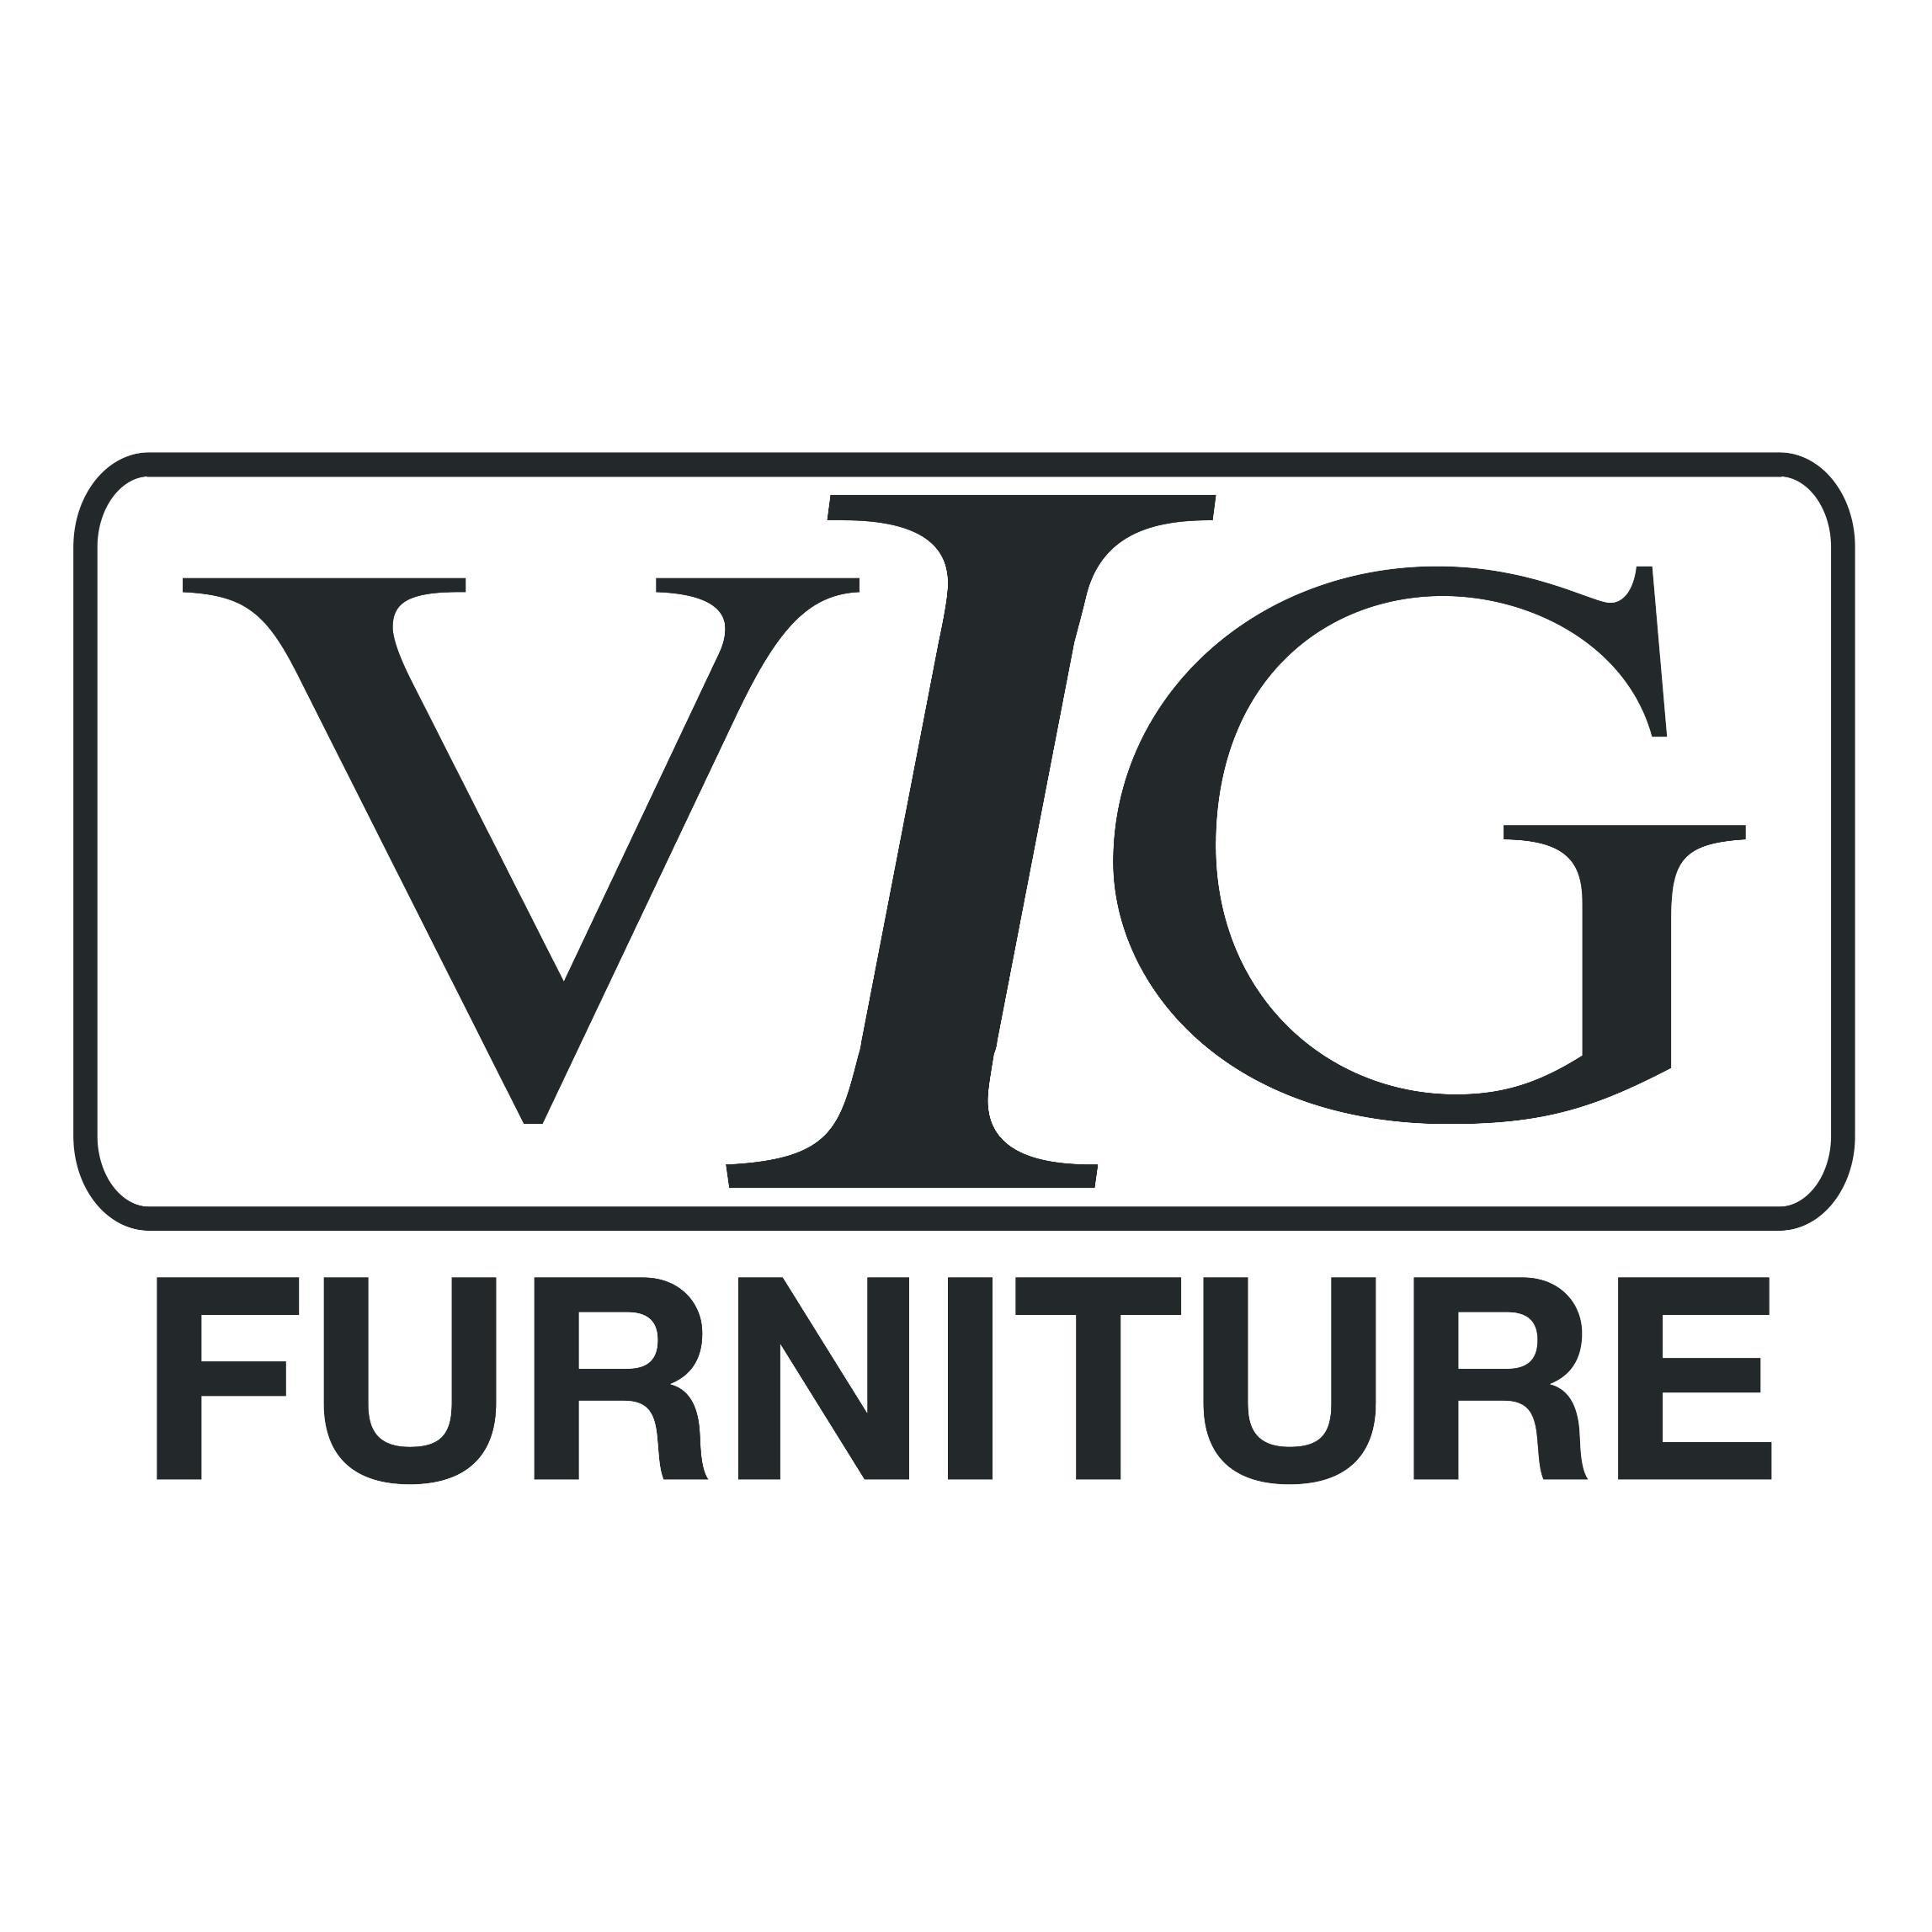 vig furniture - Vig Furniture